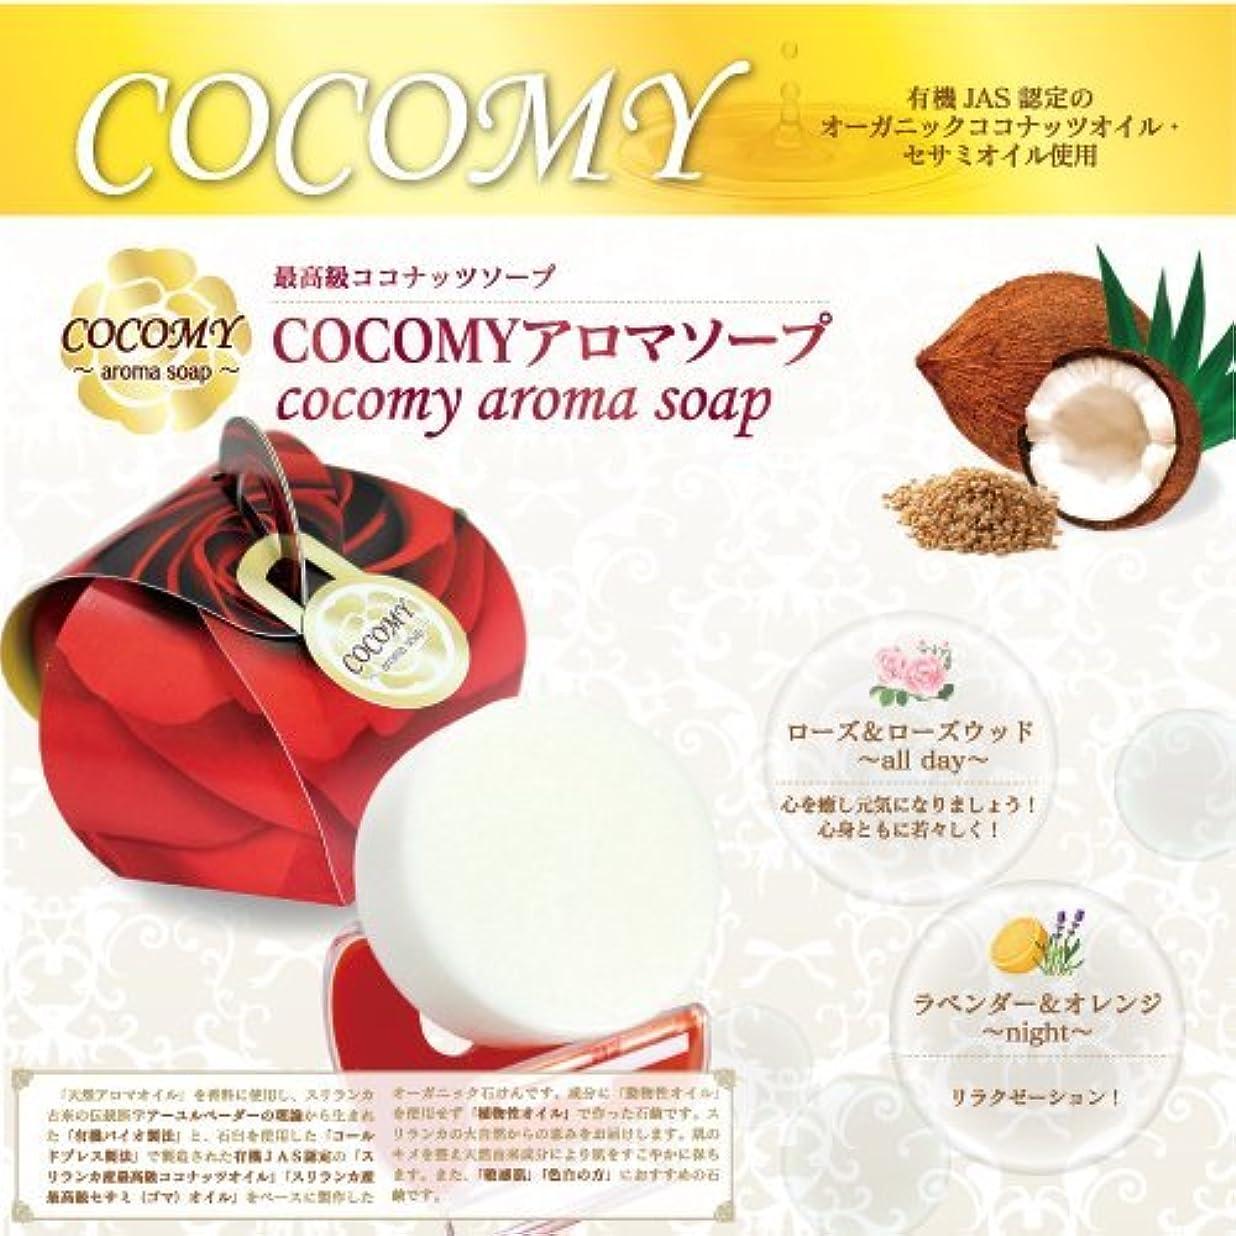 COCOMY aromaソープ 2個セット (ラベンダー&オレンジ)(ローズ&ローズウッド)40g×各1